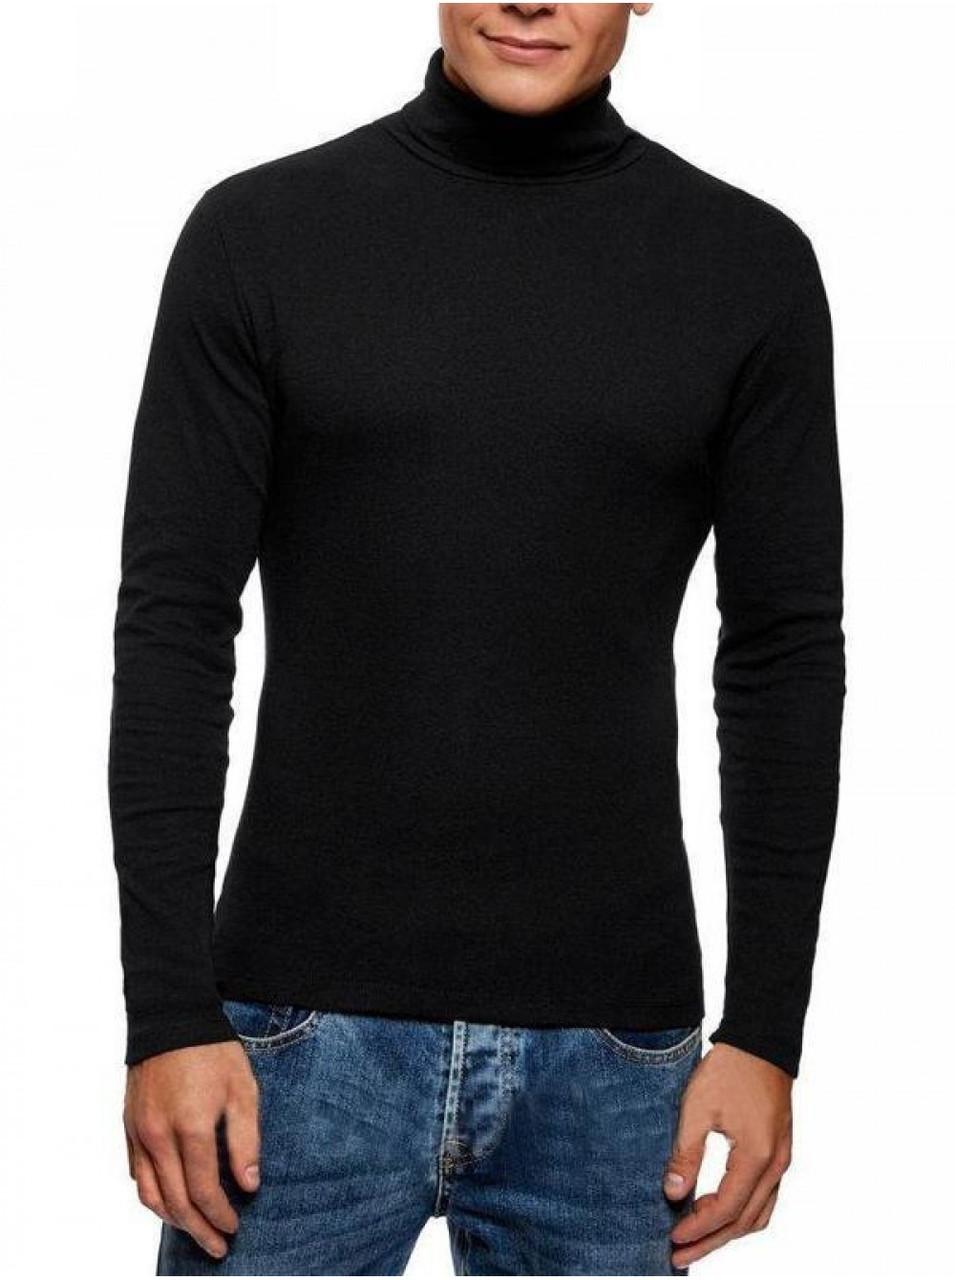 Чоловічий светр із довгим горлом